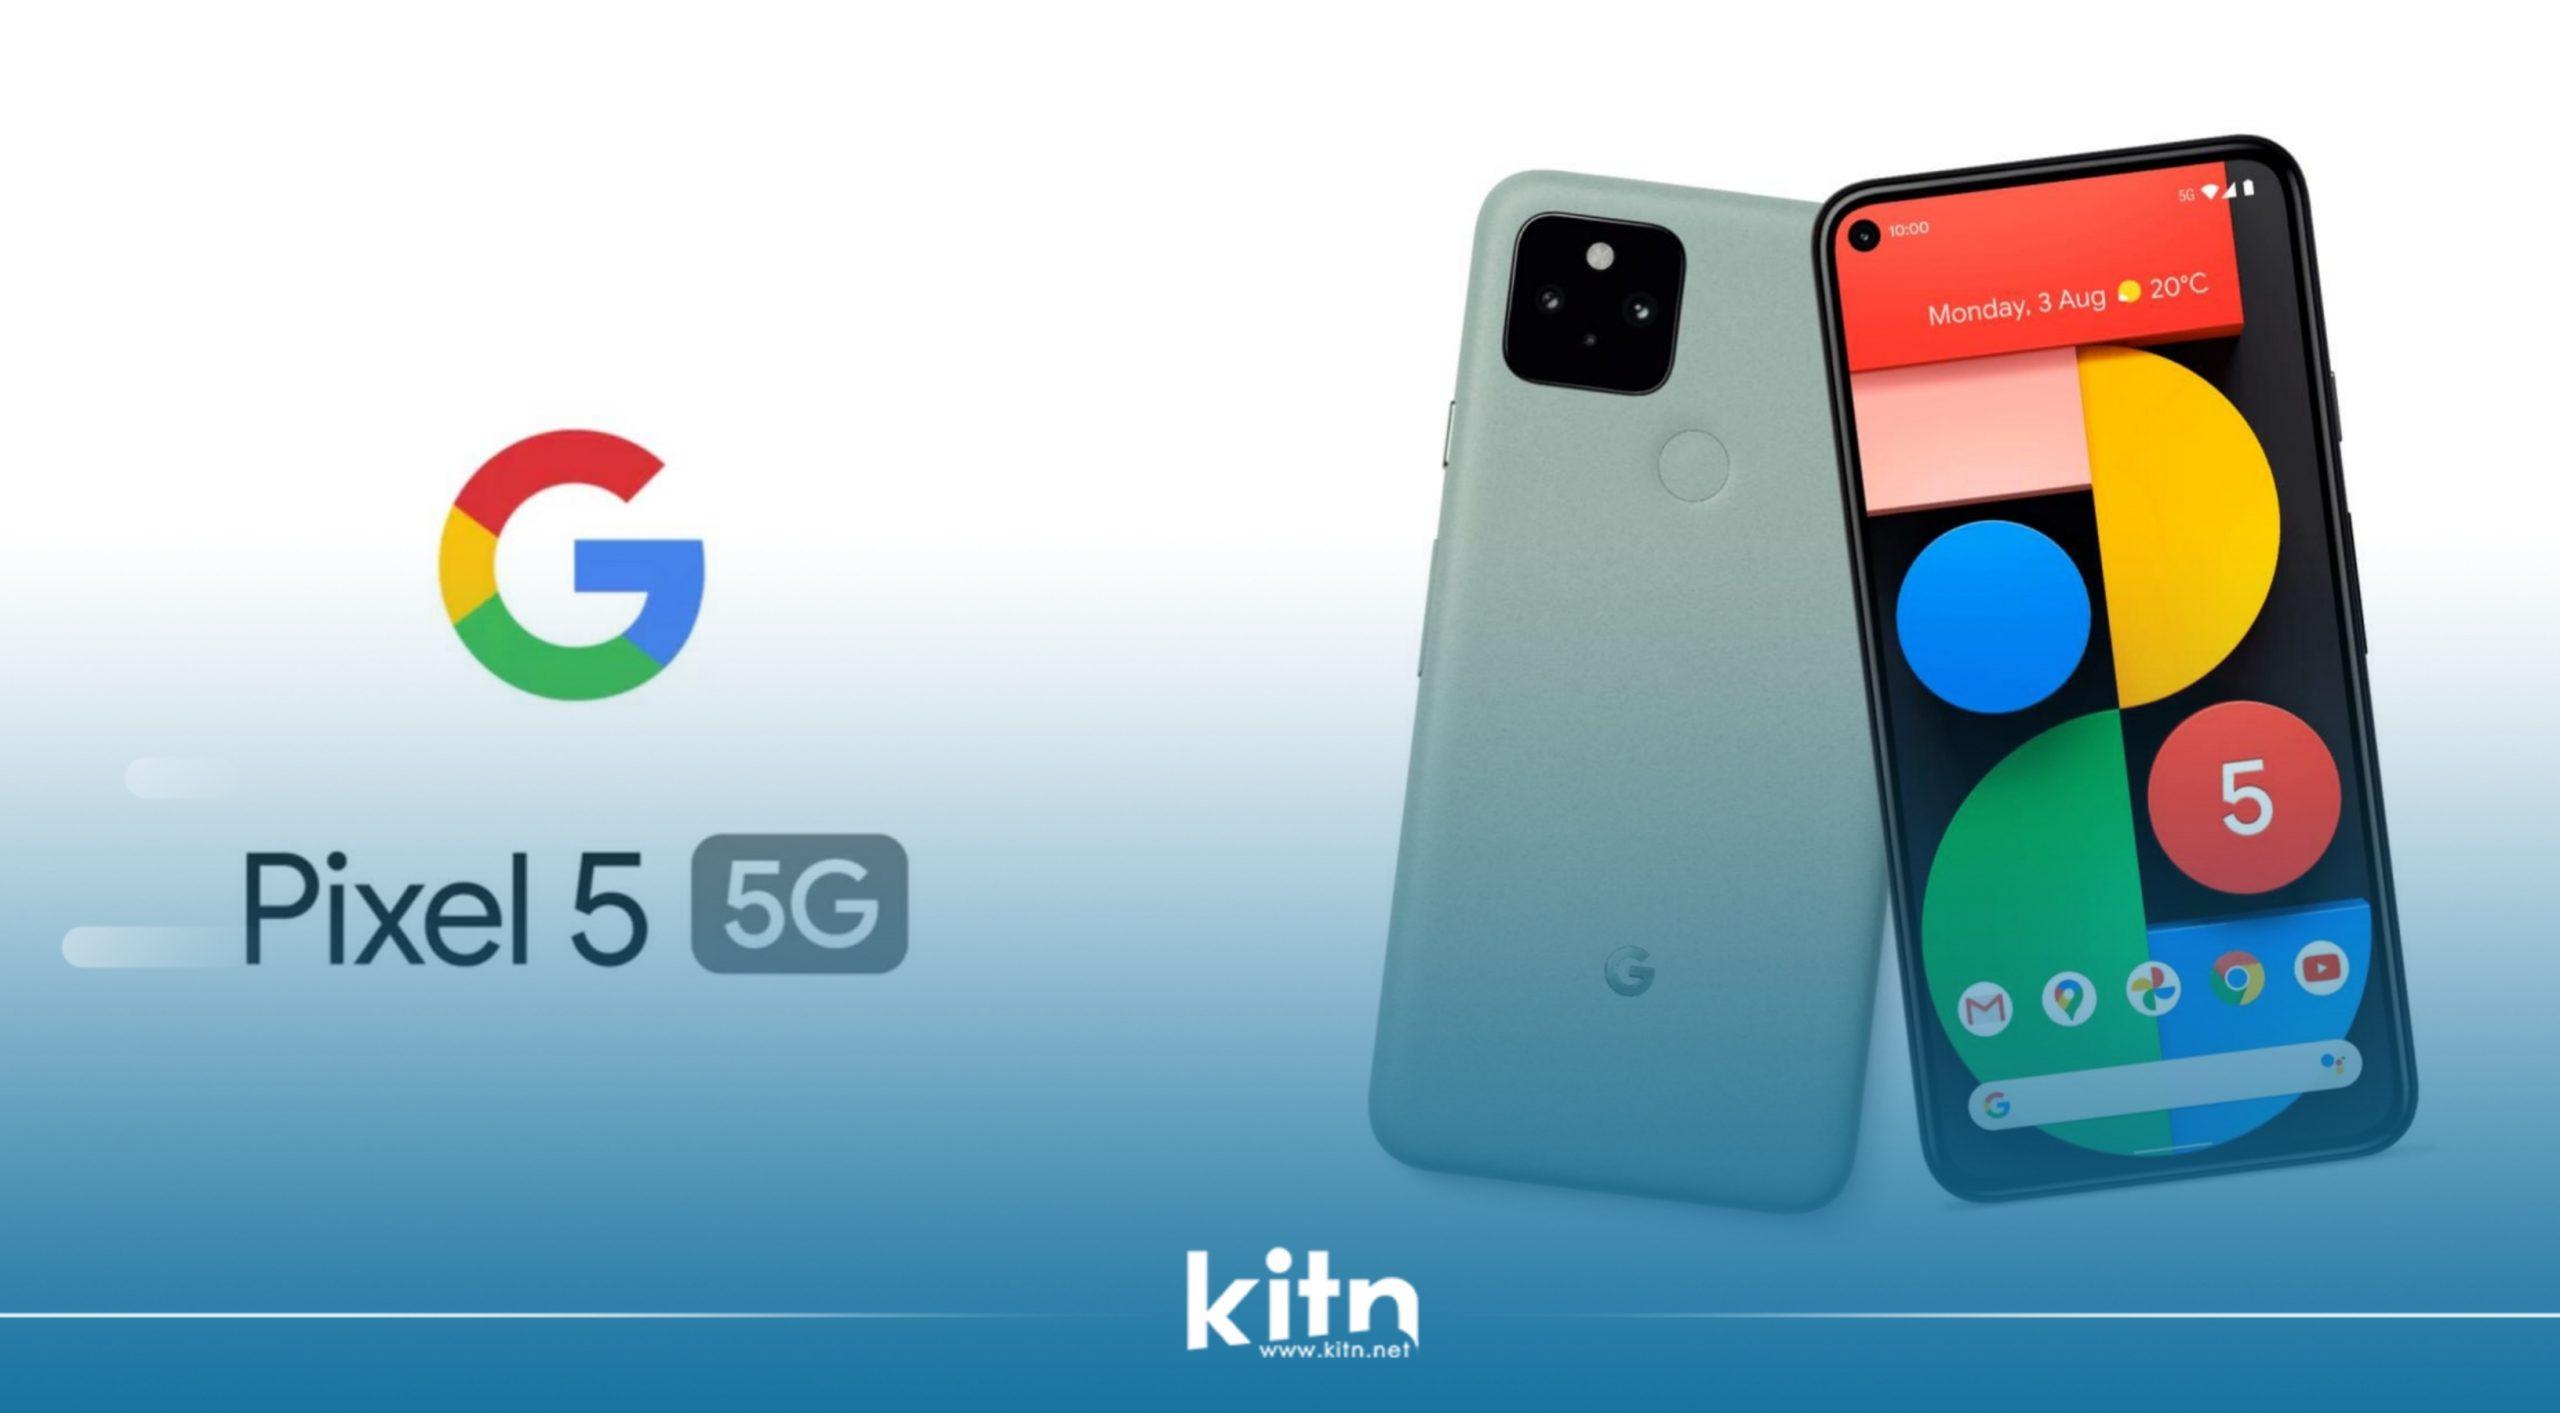 بە فەرمی مۆبایلی Google Pixel 5 بە پشتگیری بارگاوی کەرەوەی پێچەوانە و زیاترەوە نمایش کرا